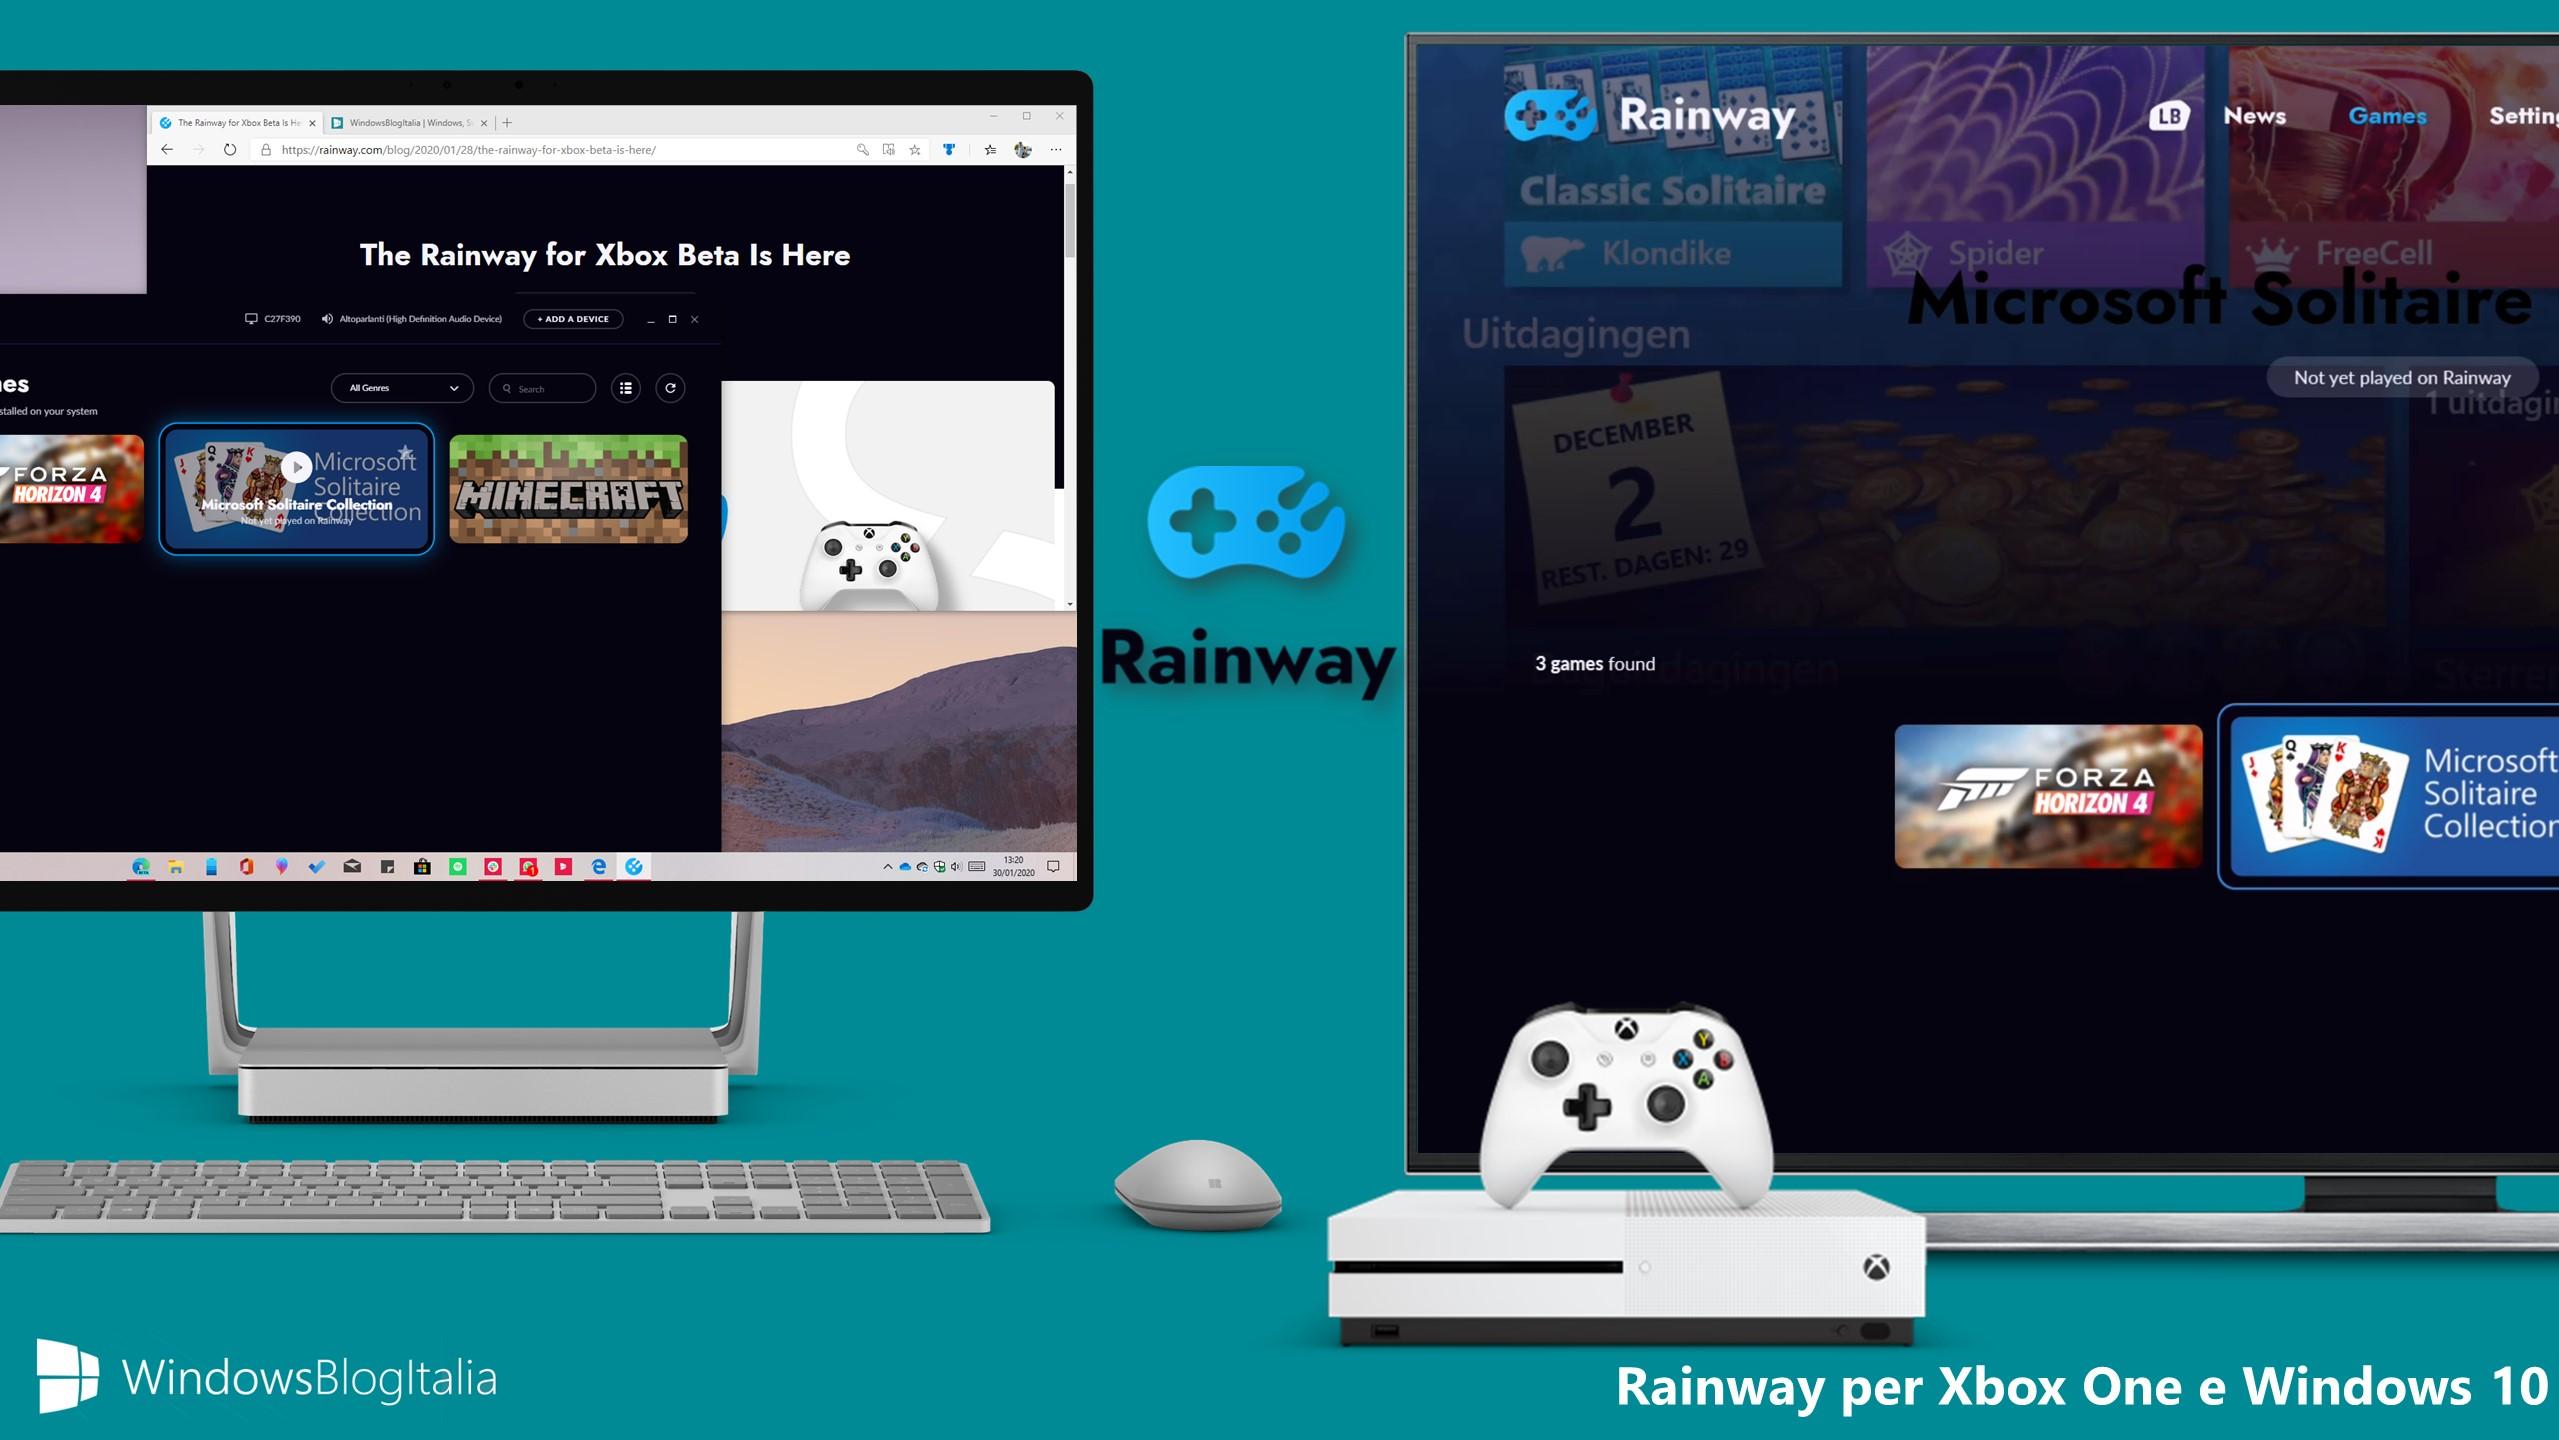 Rainway per Xbox One e Windows 10